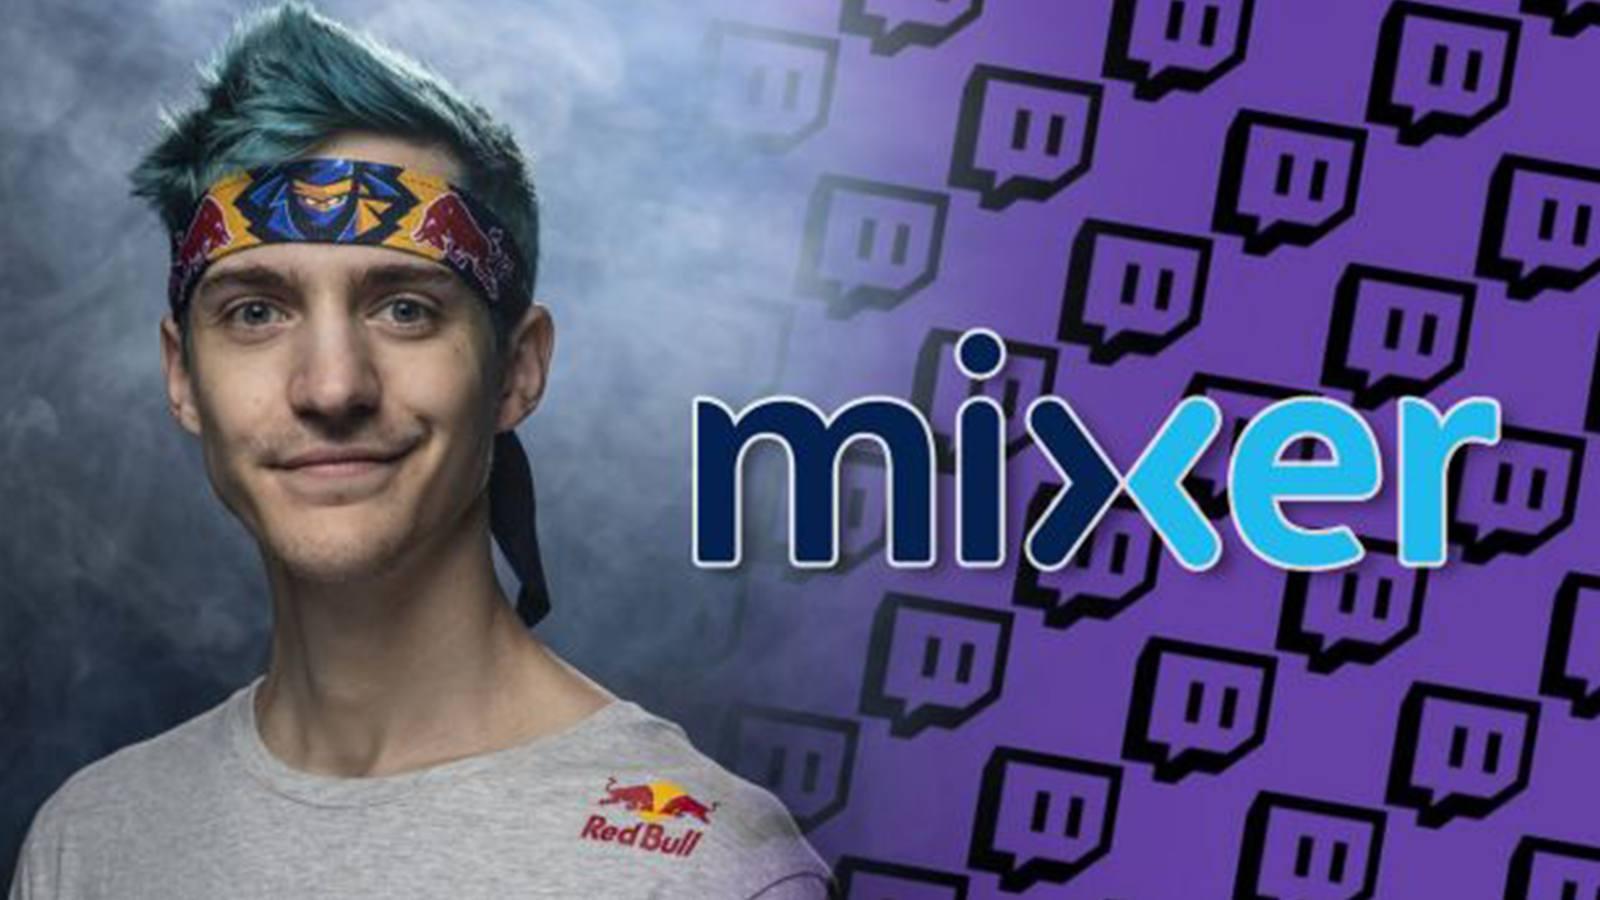 Ninja pourrait bien revenir sur Twitch après la fermeture de Mixer